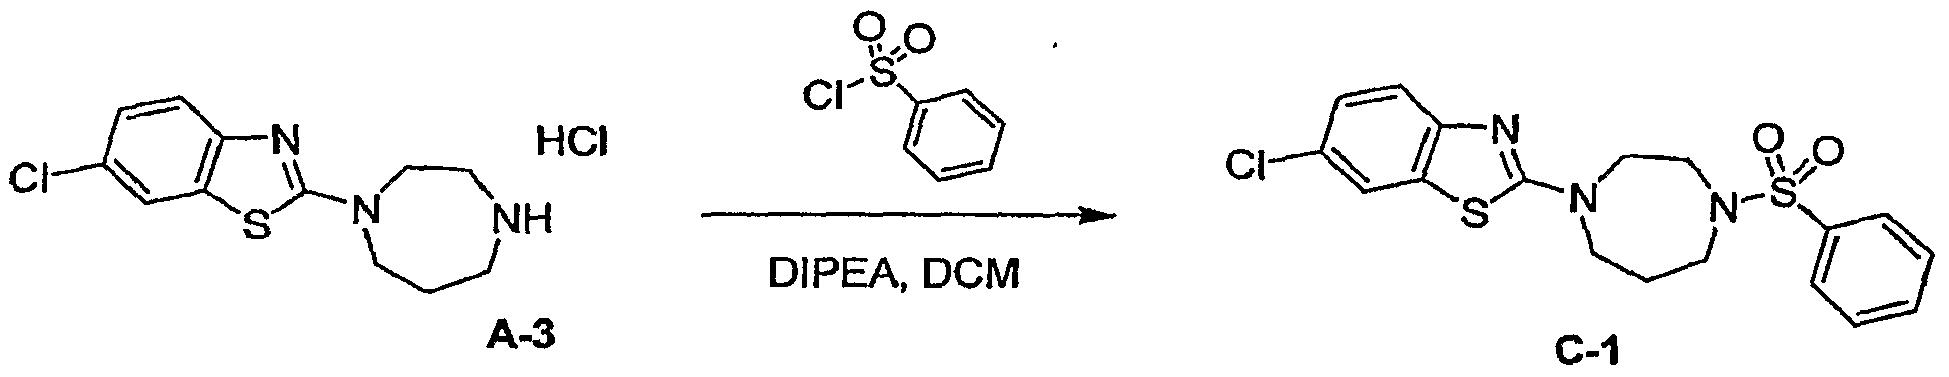 calcium carbonate phosphate